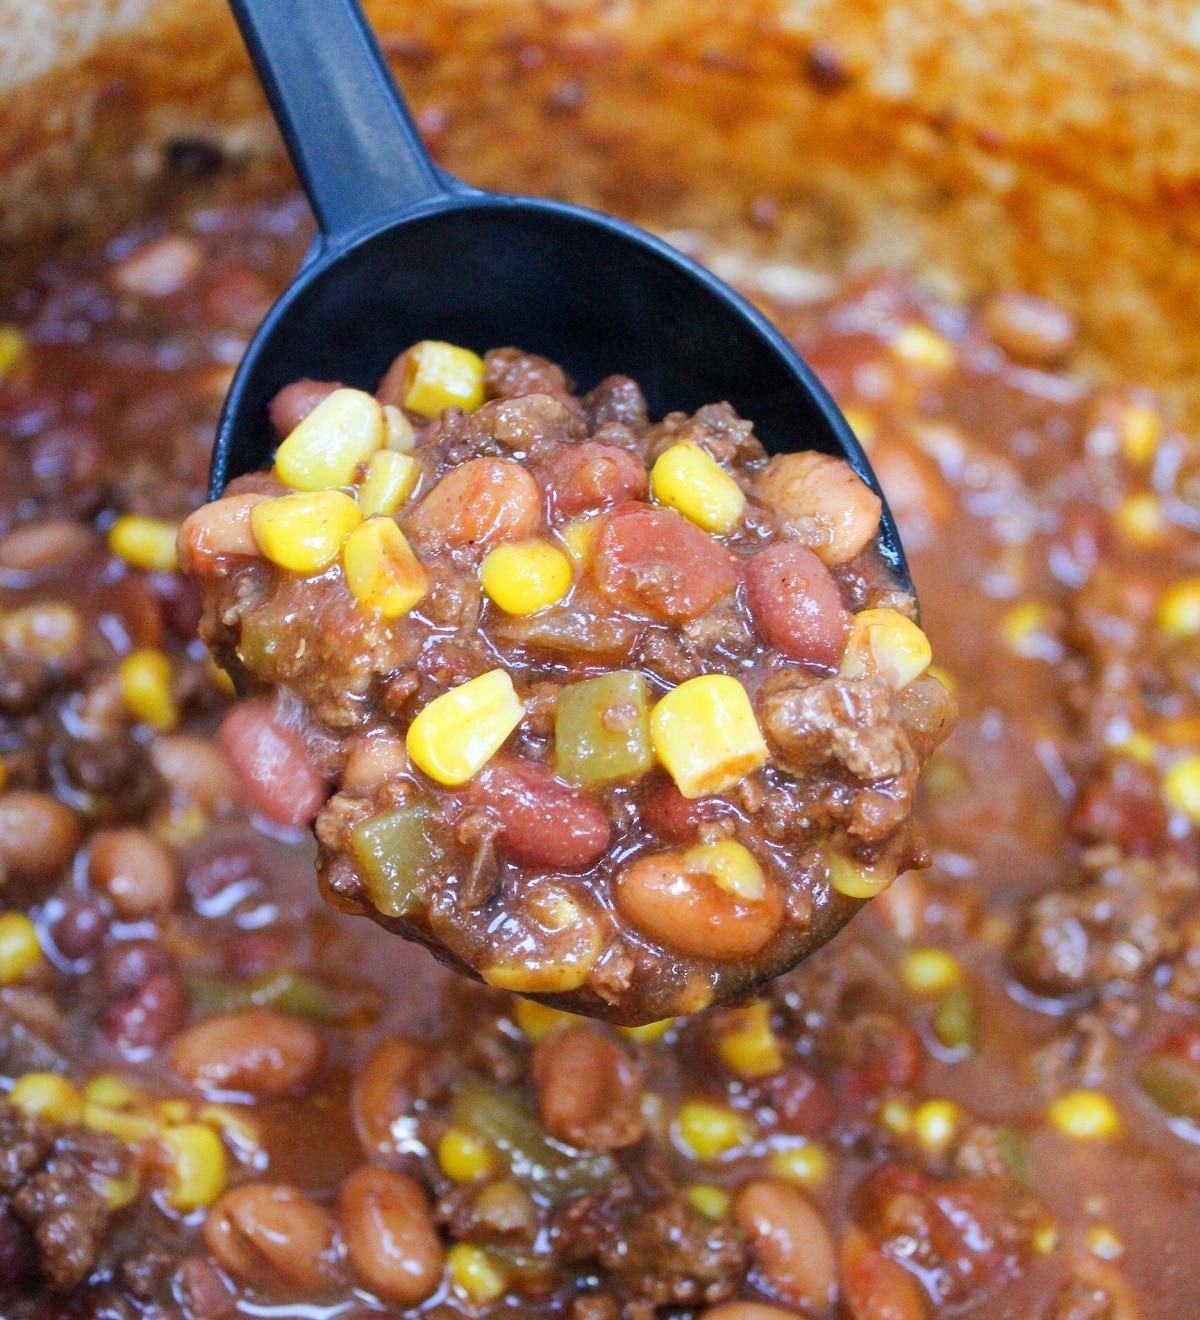 soup with a ladle